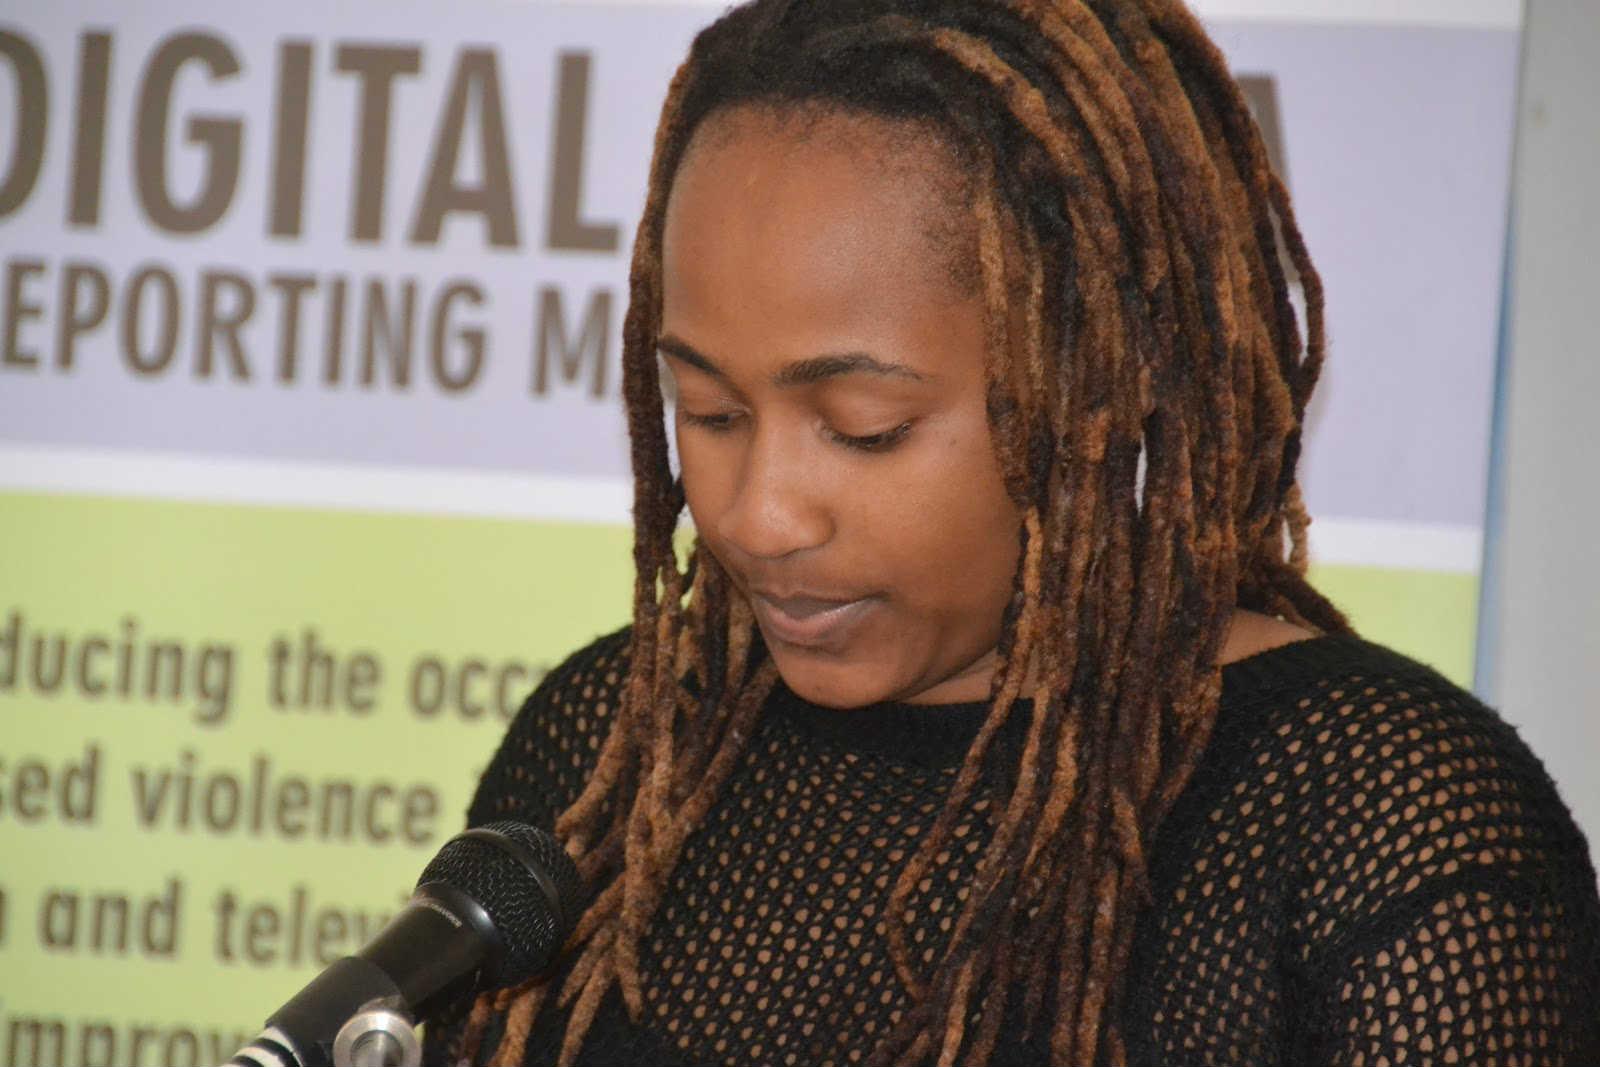 Hivos' women's empowerment campaign in Zimbabwe